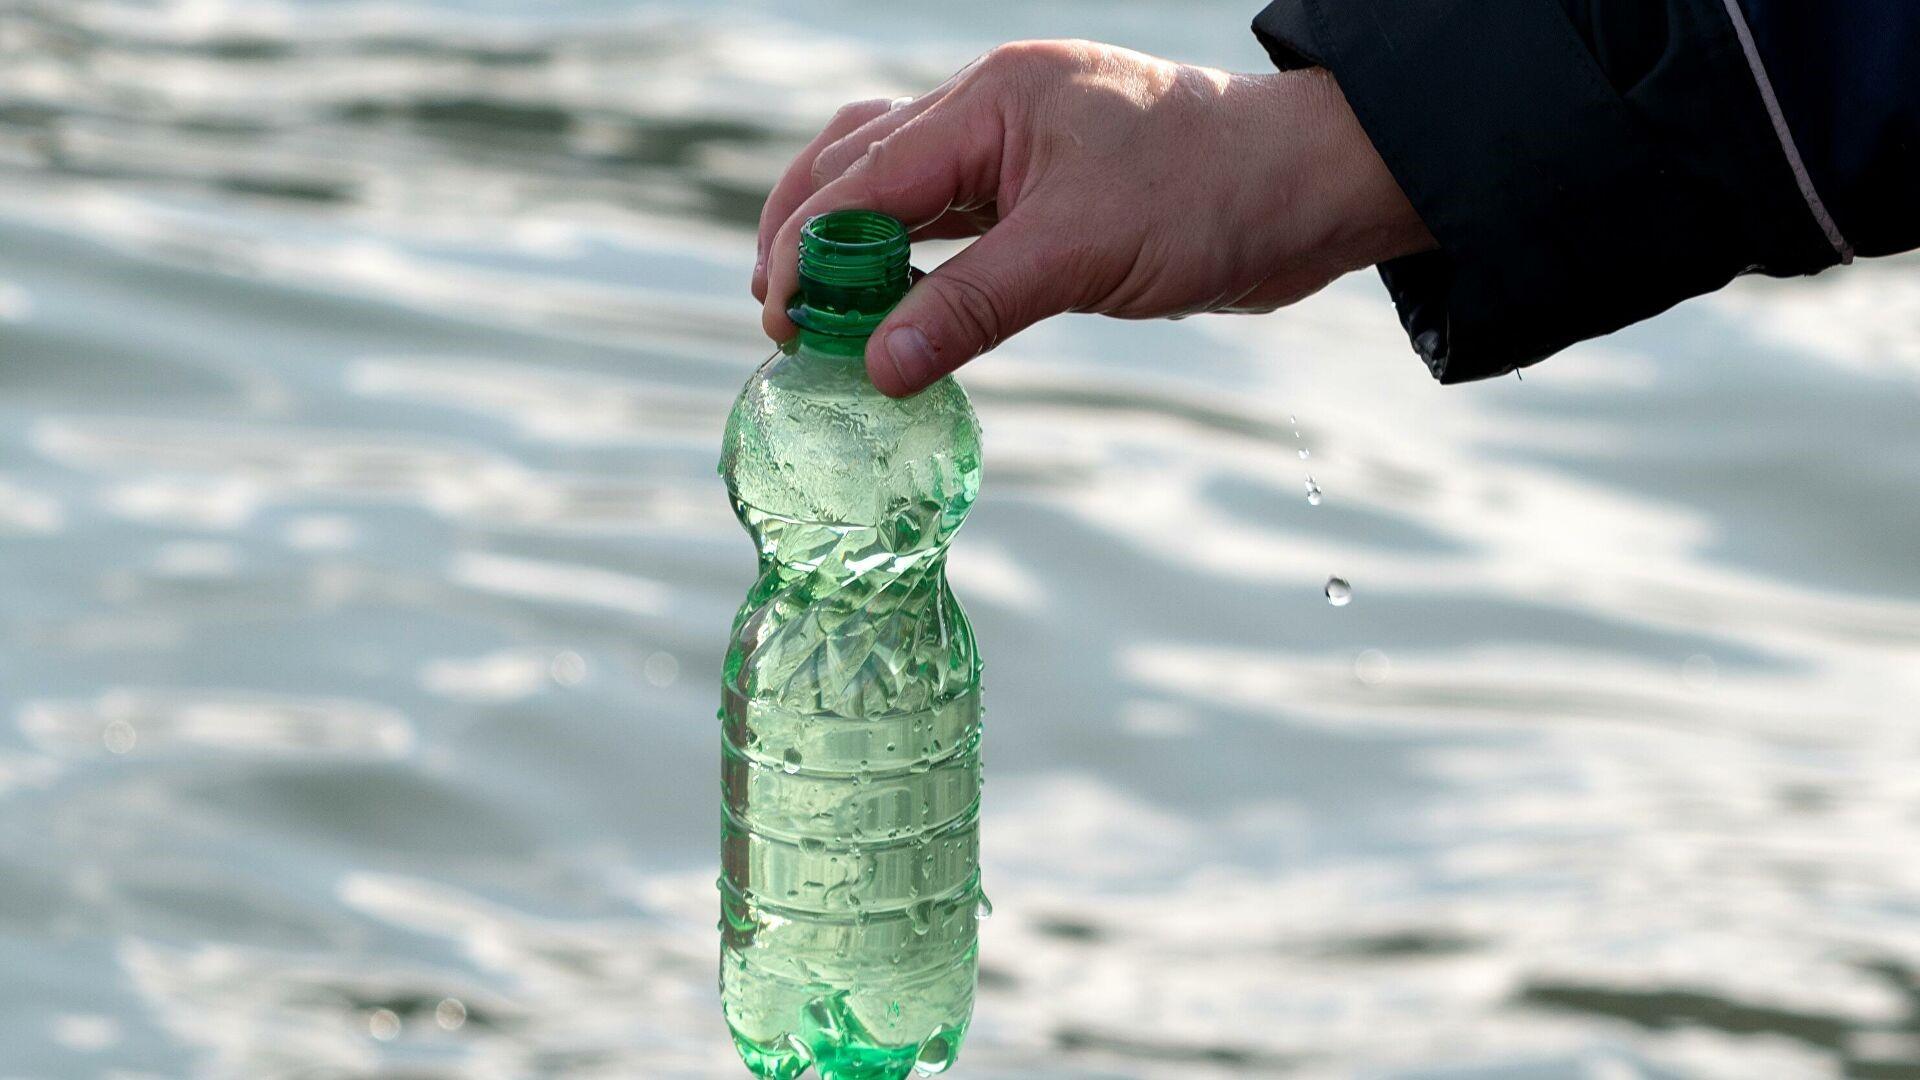 Емкость с пробой воды из реки